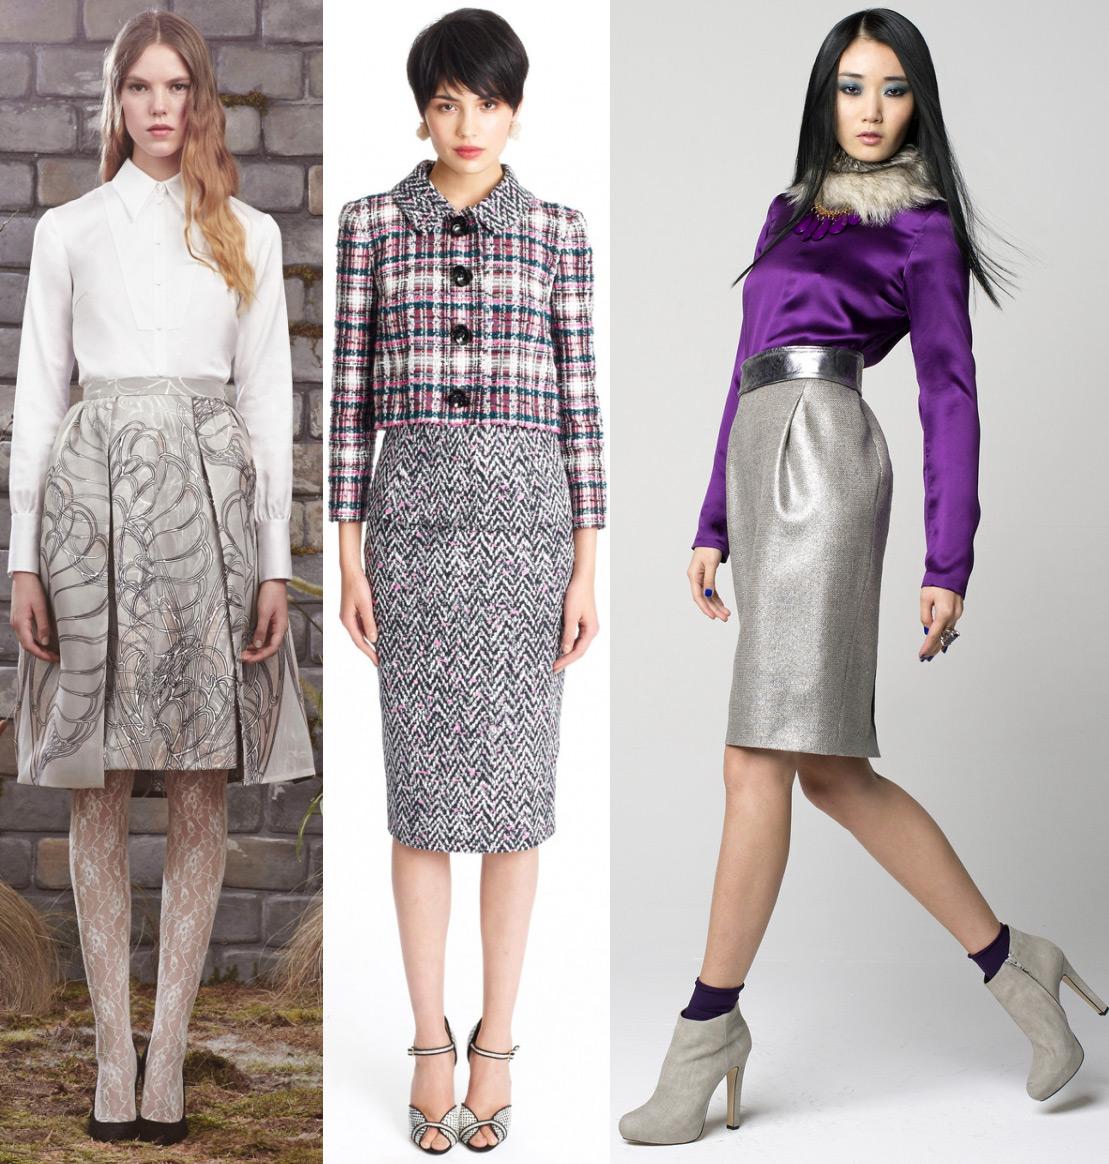 95a1fc8d801 Модные юбки осень зима 2014-2015